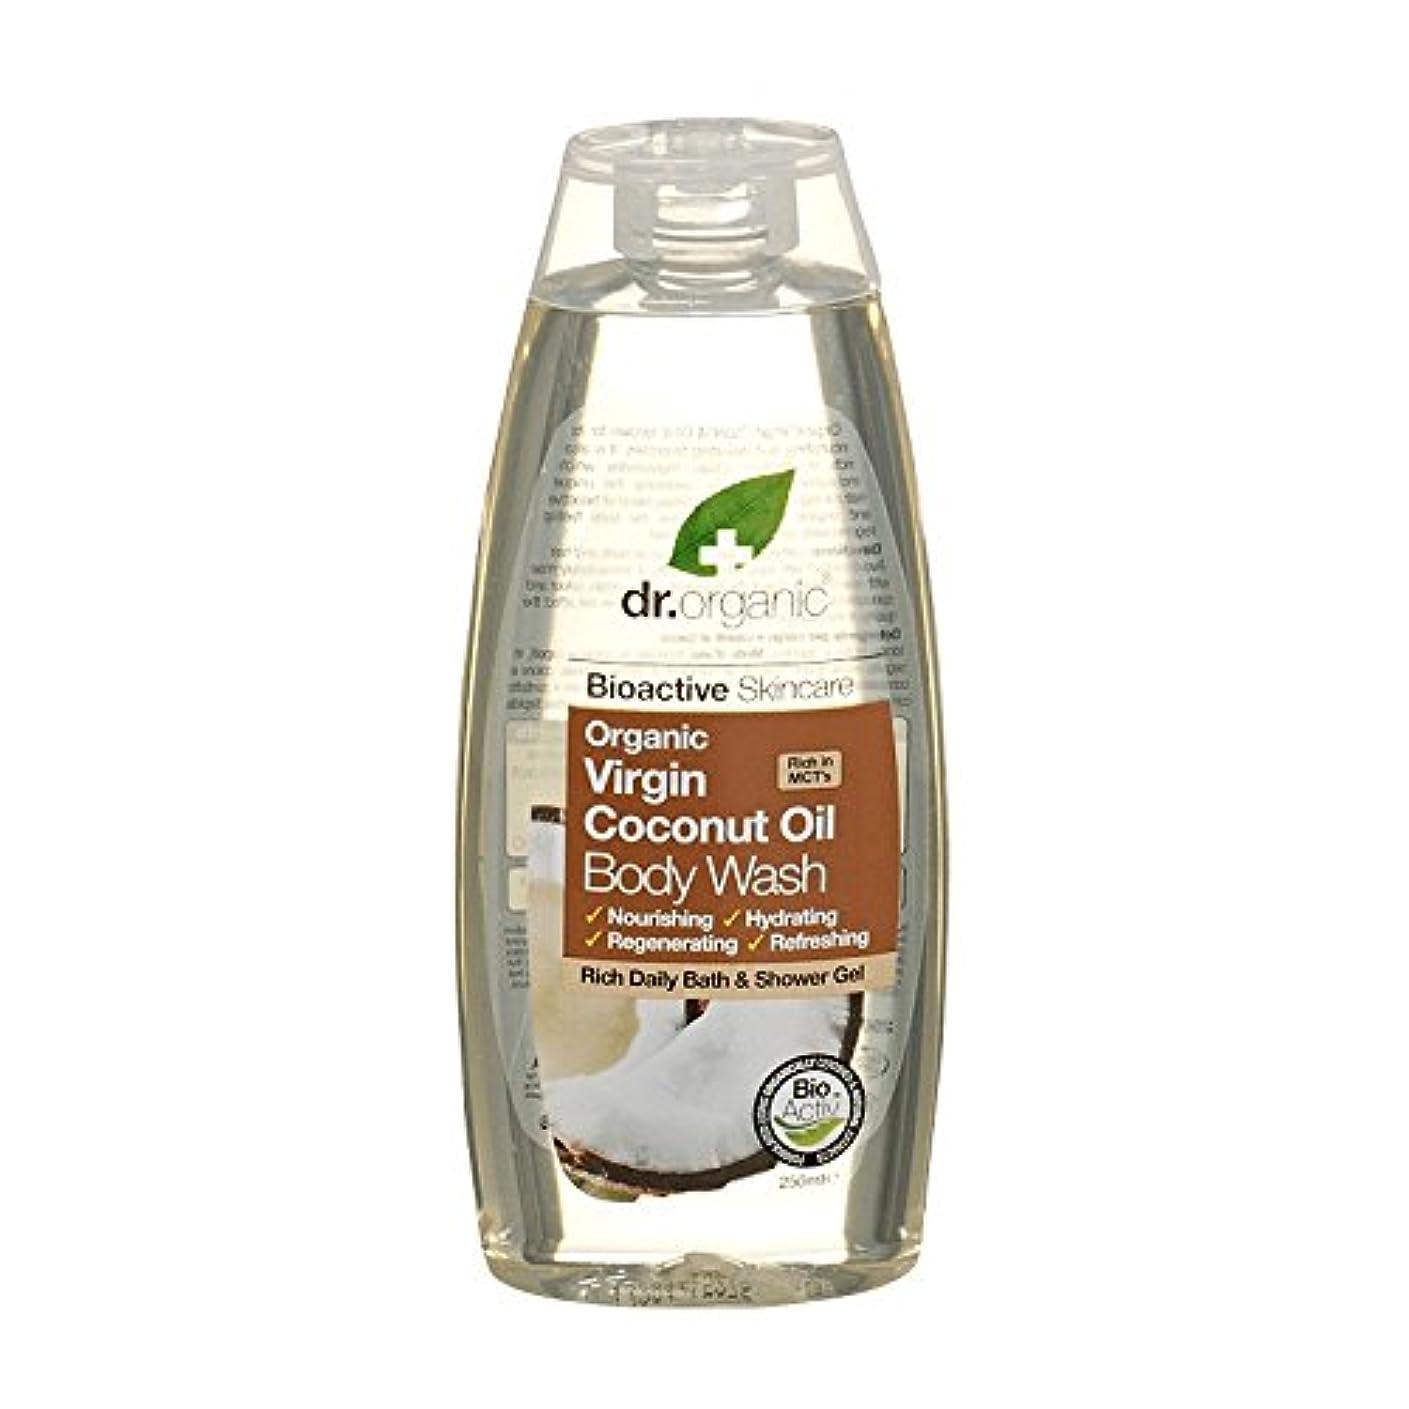 満足させるピット地元Dr Organic Organic Virgin Coconut Oil Body Wash (Pack of 6) - Dr有機有機バージンココナッツオイルボディウォッシュ (x6) [並行輸入品]